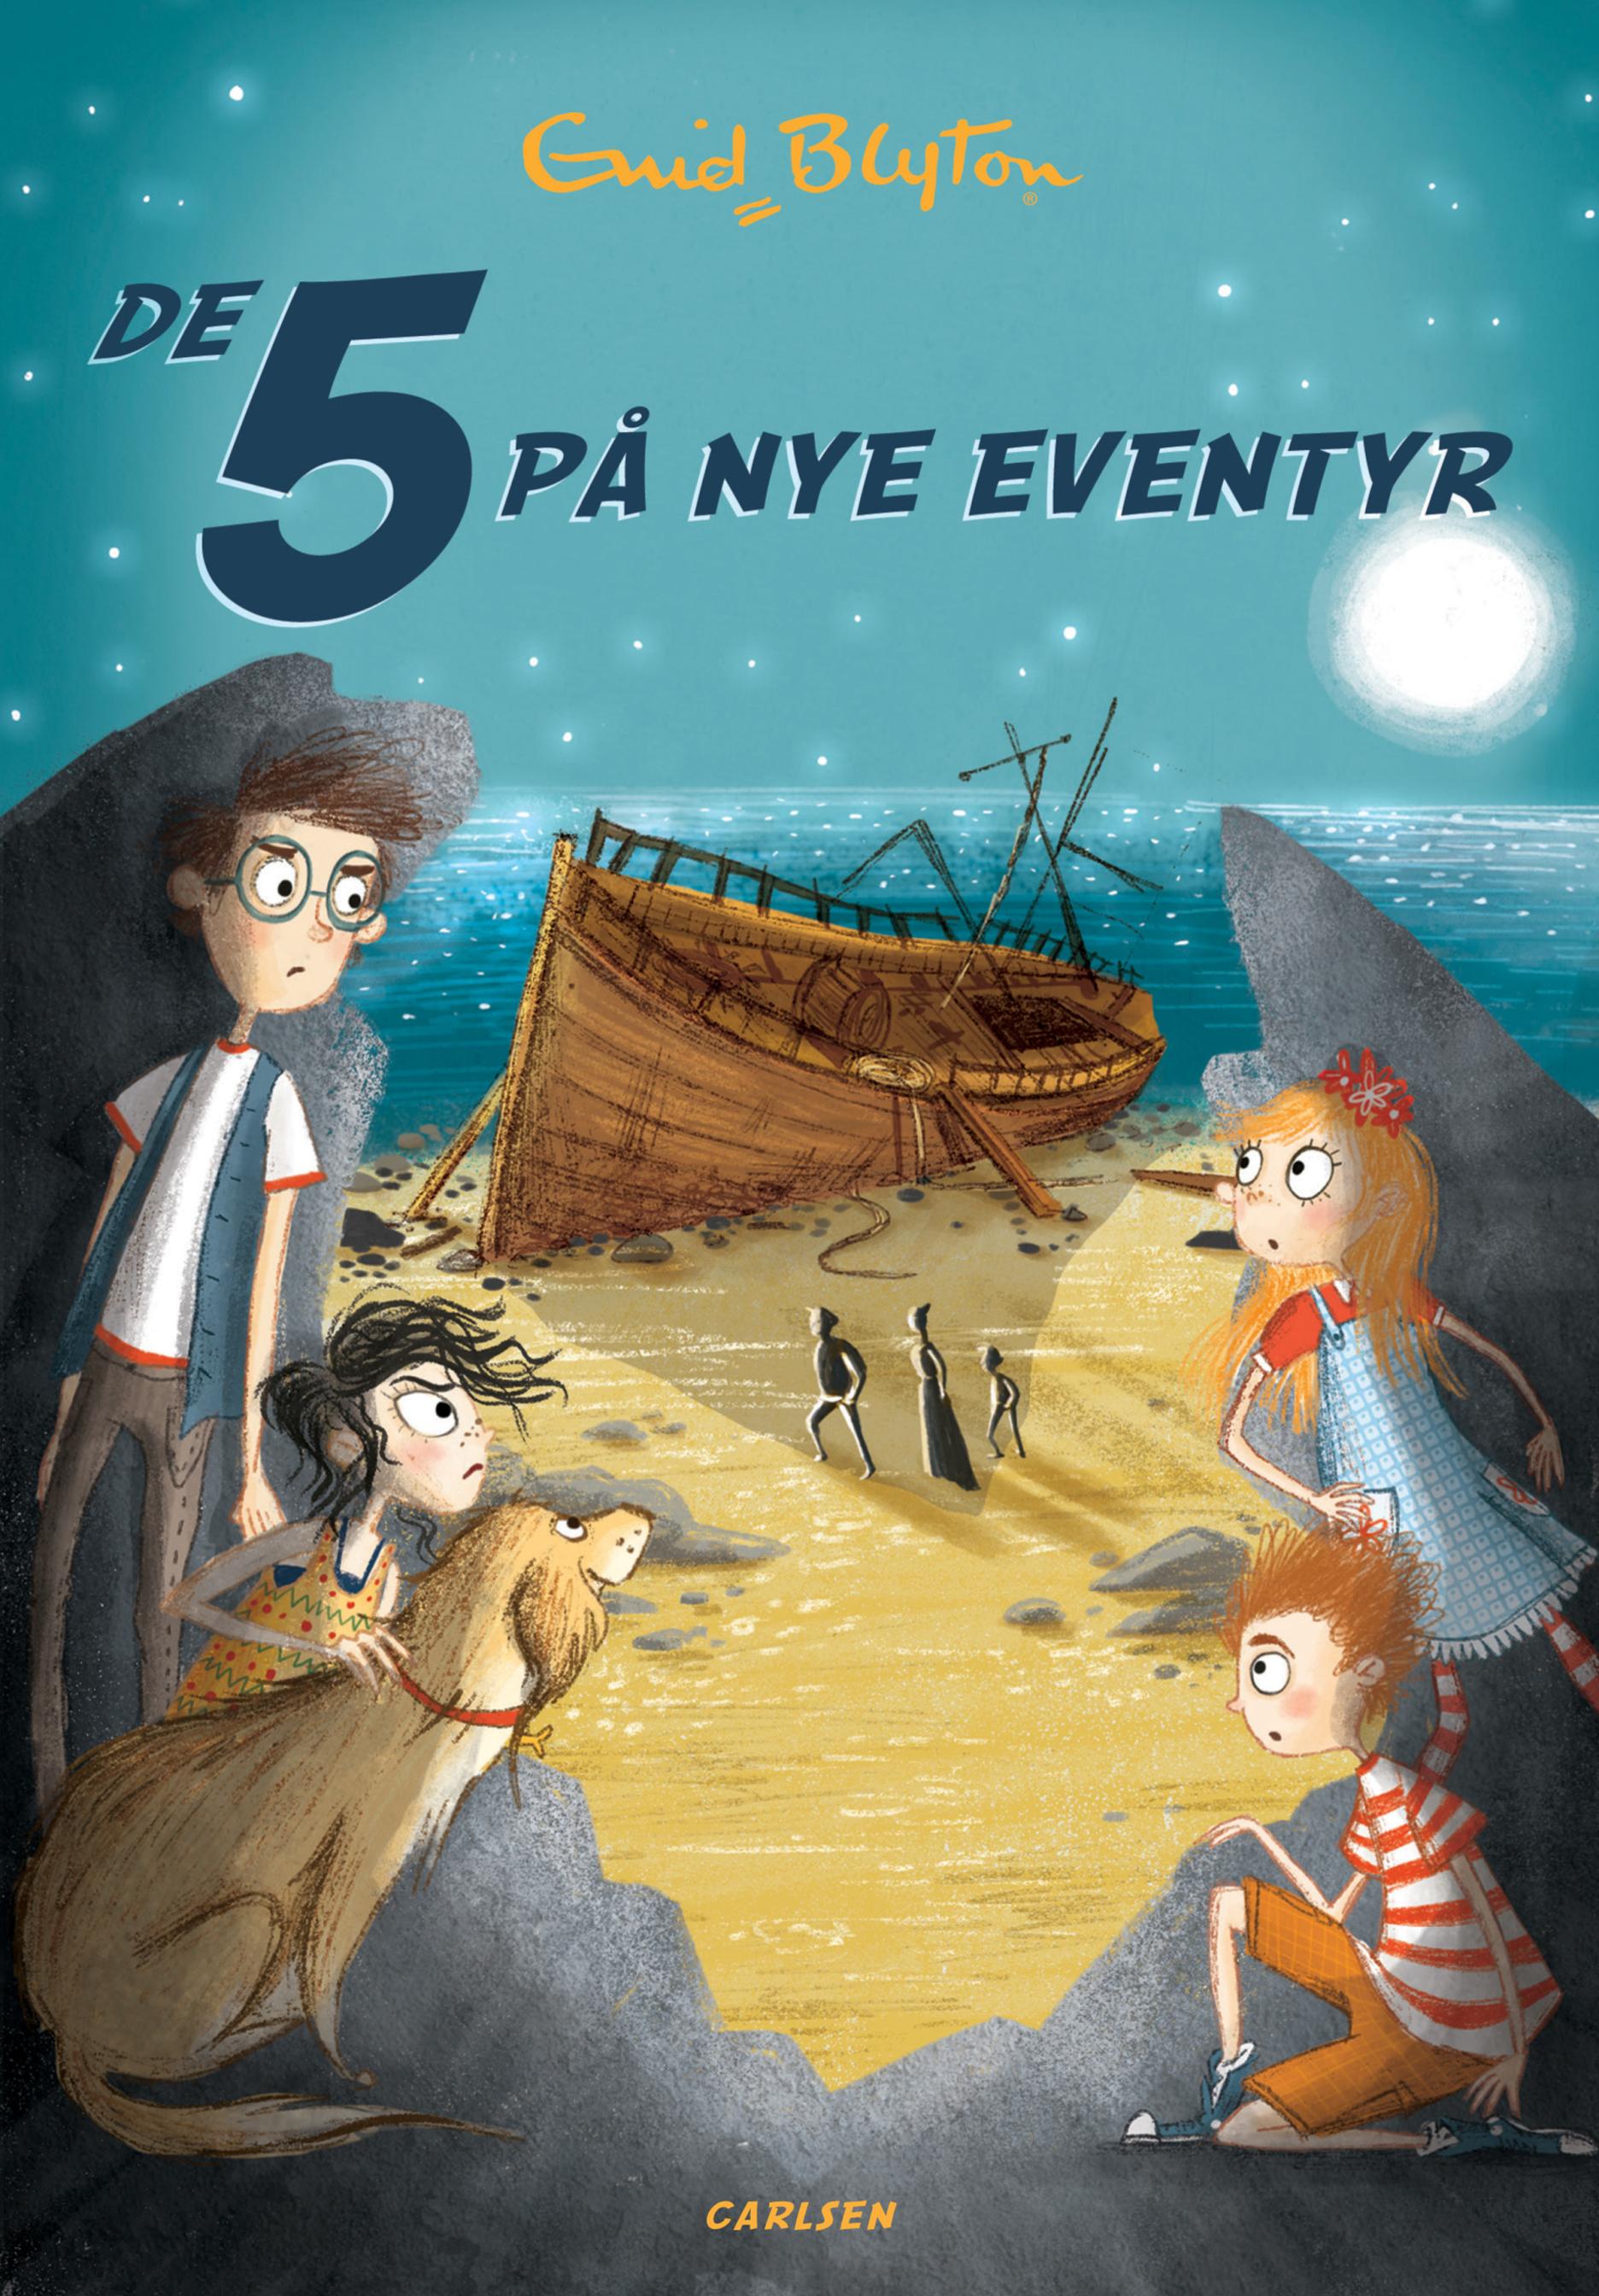 De 5 på nye eventyr (3) - Maneno